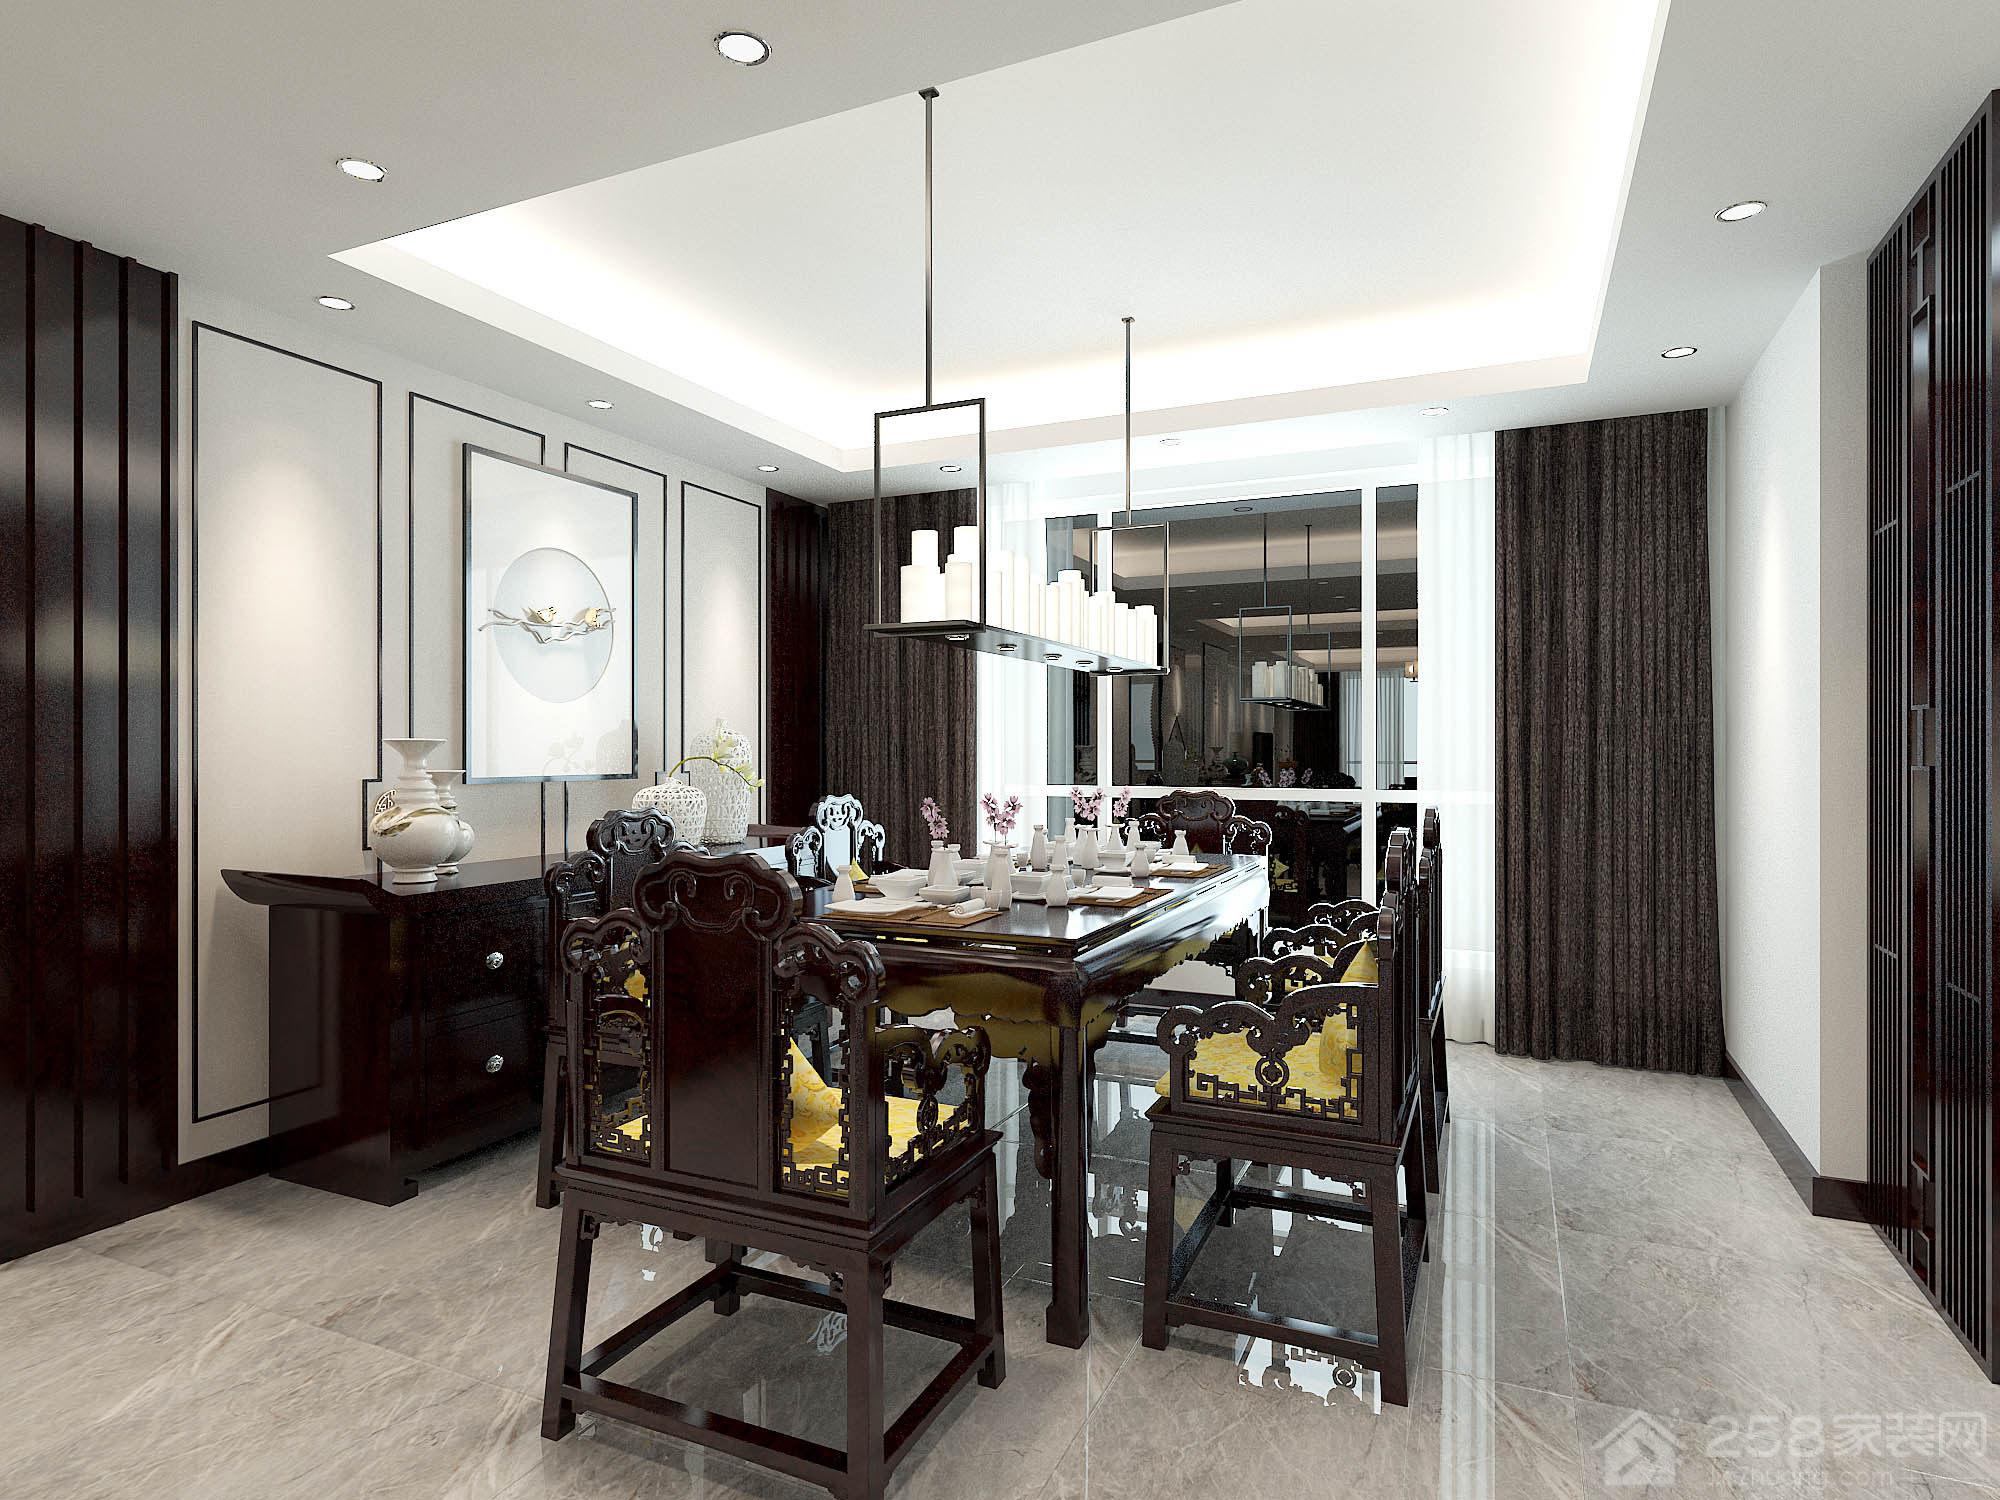 新中式风格餐厅实木餐桌椅图片